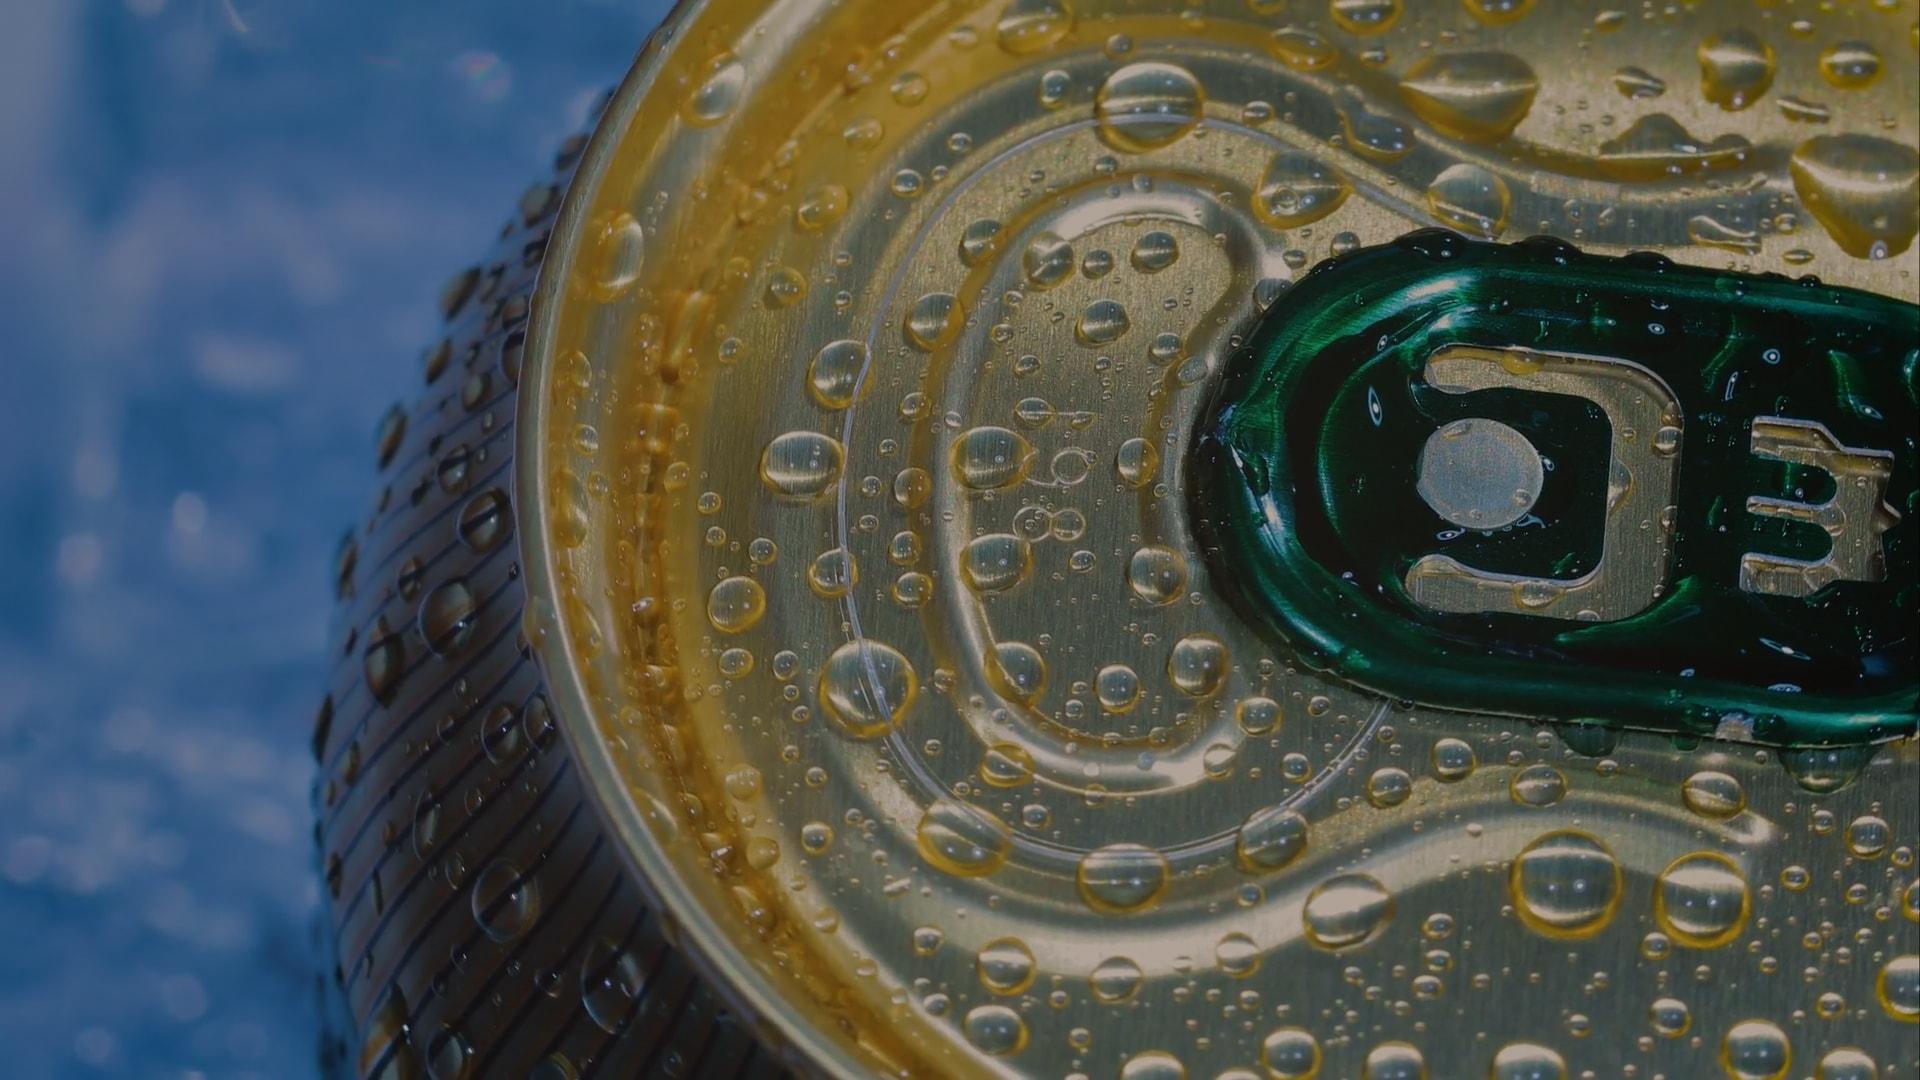 Abrir una lata desde dentro